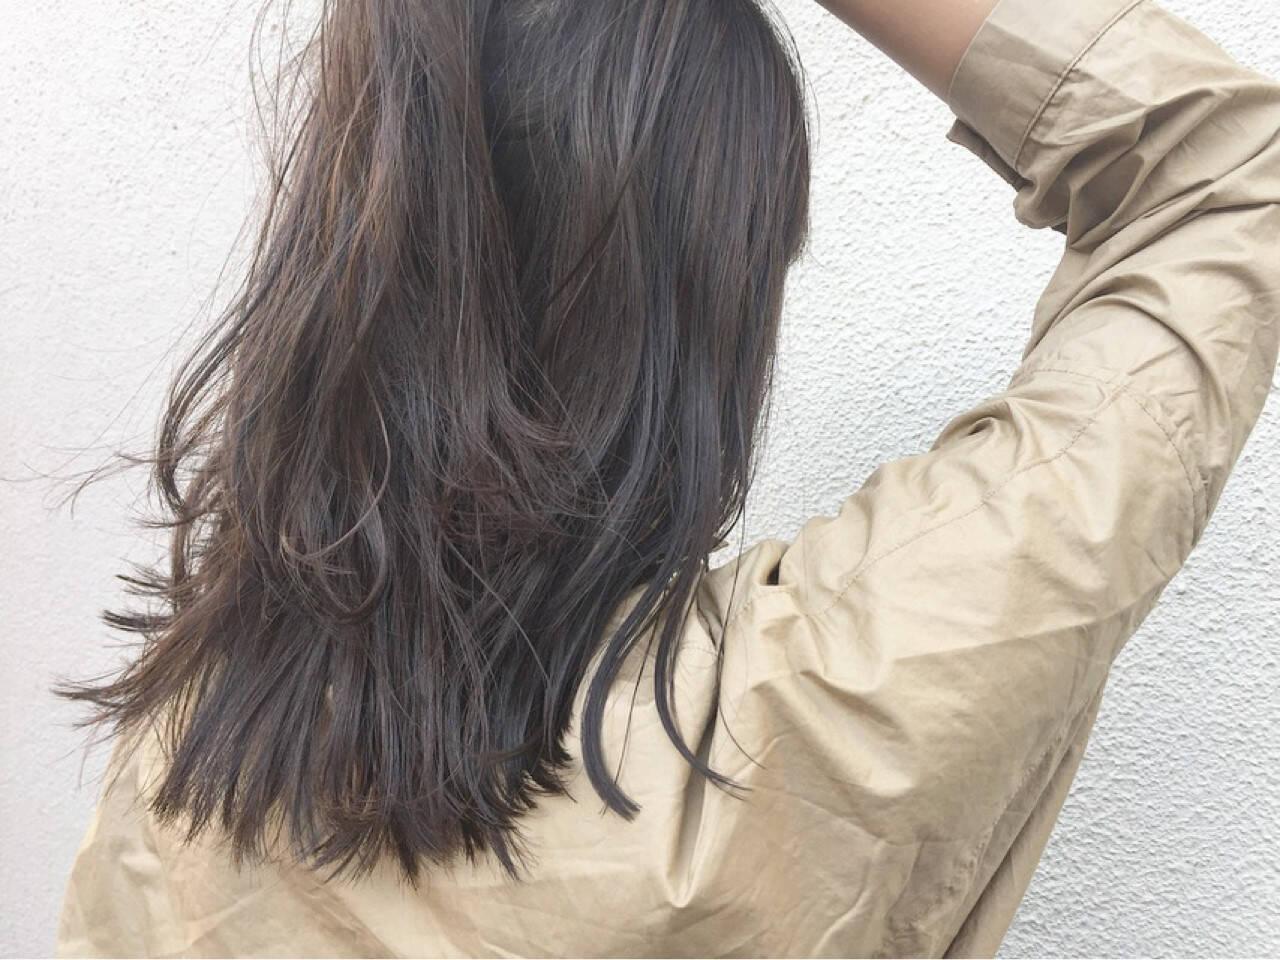 グレージュ ミディアム ハイライト アンニュイヘアスタイルや髪型の写真・画像